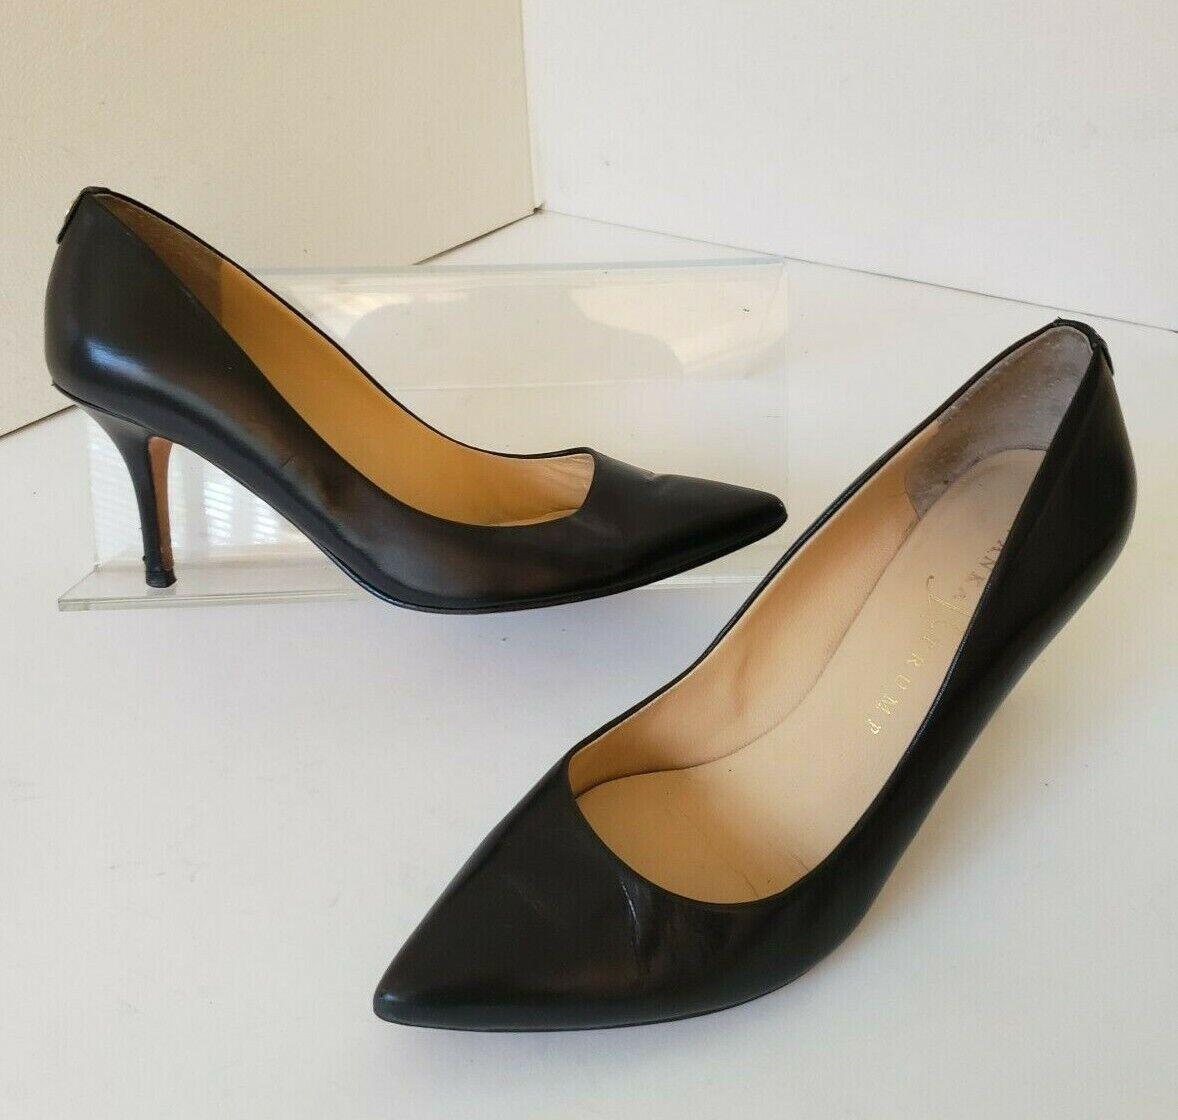 Ivanka Trump Natalie Black Leather Pumps Heels 6.5 M